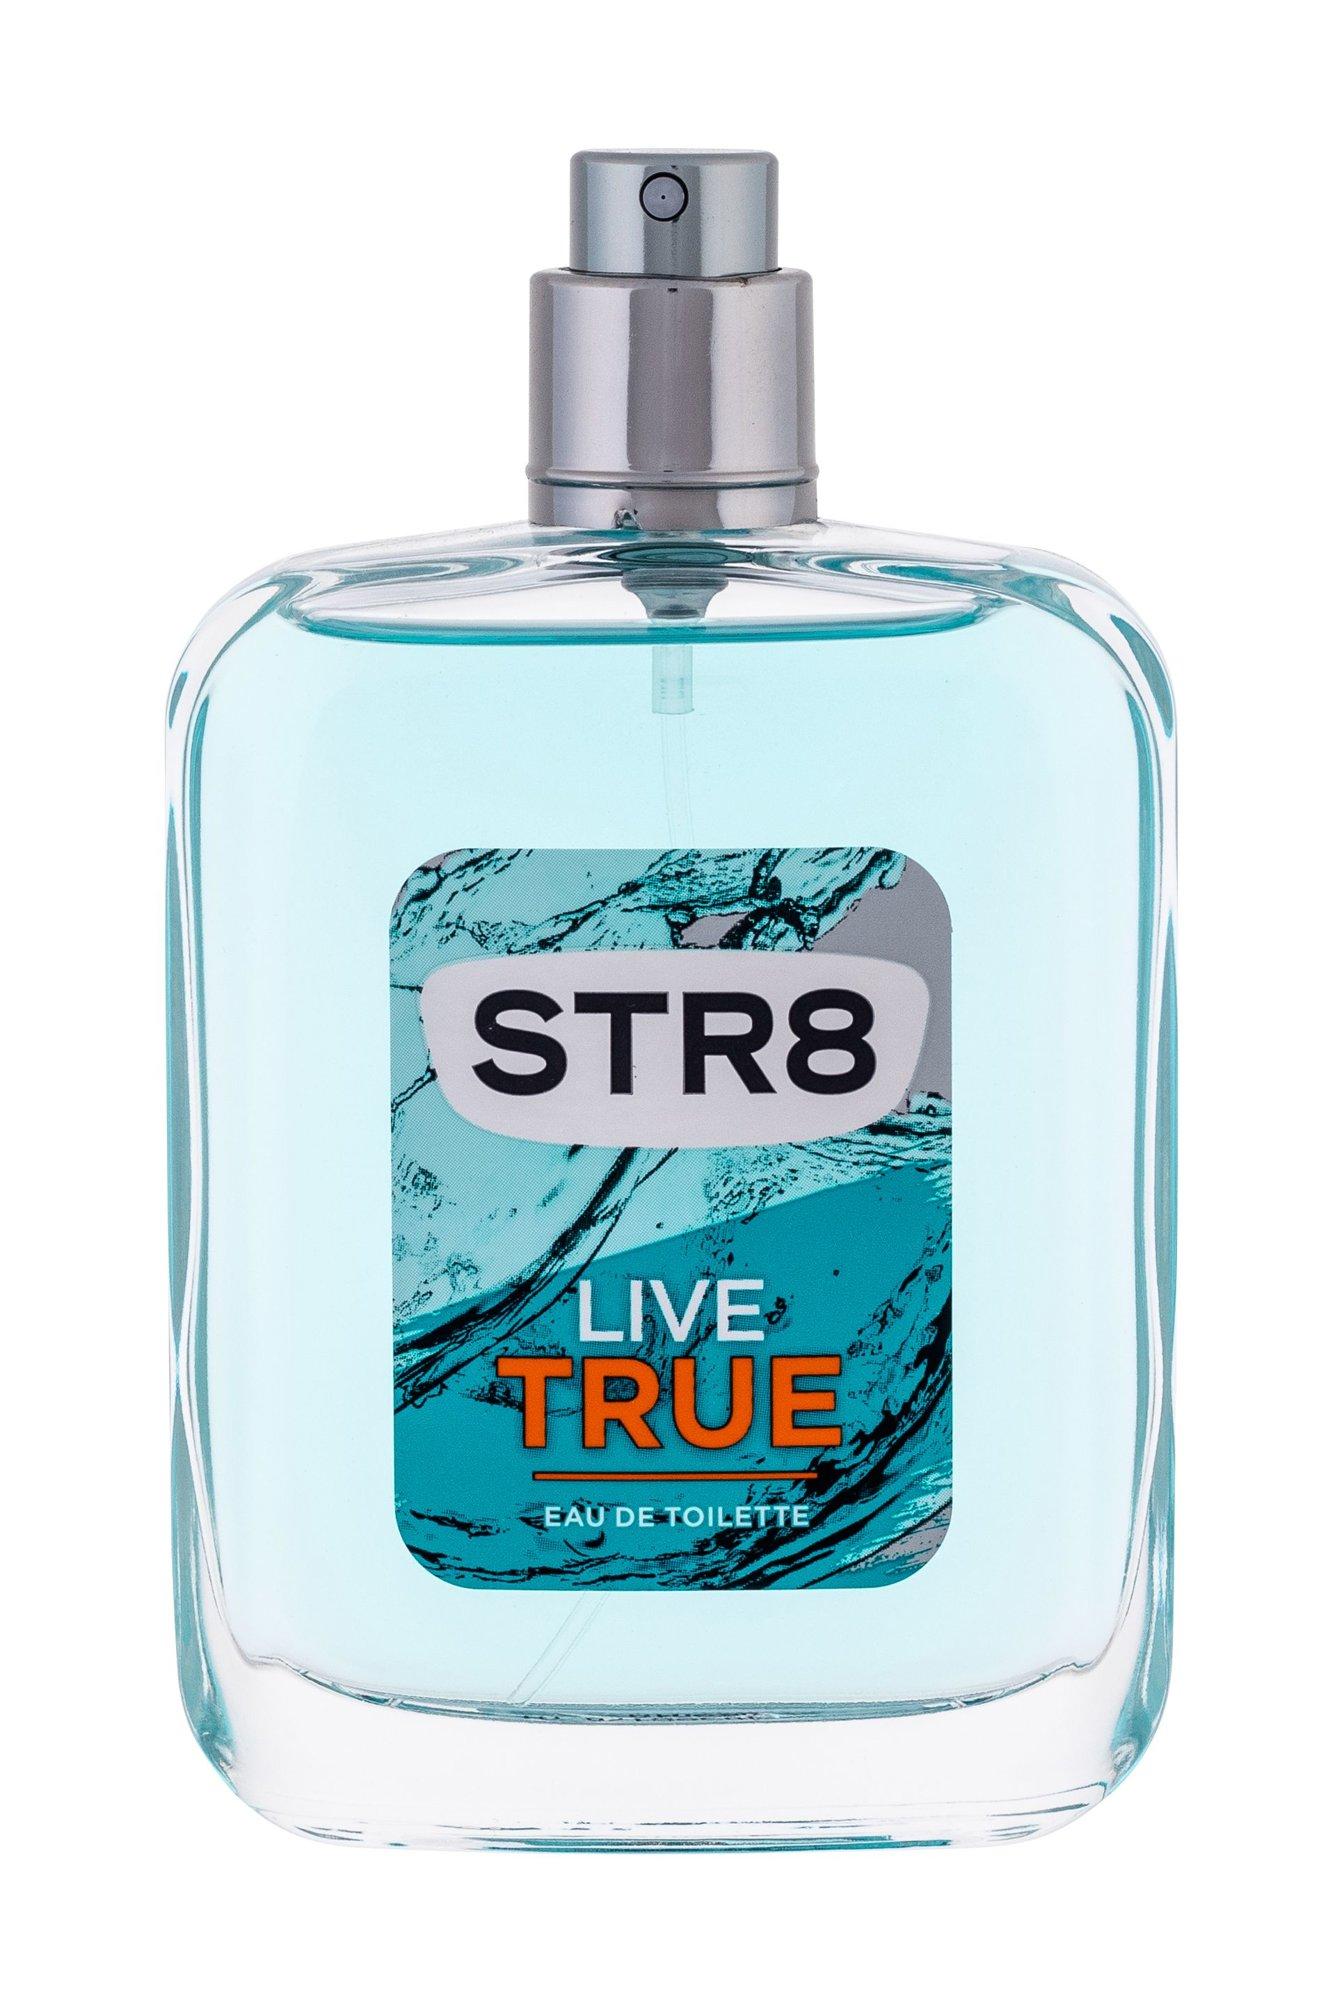 STR8 Live True Eau de Toilette 100ml